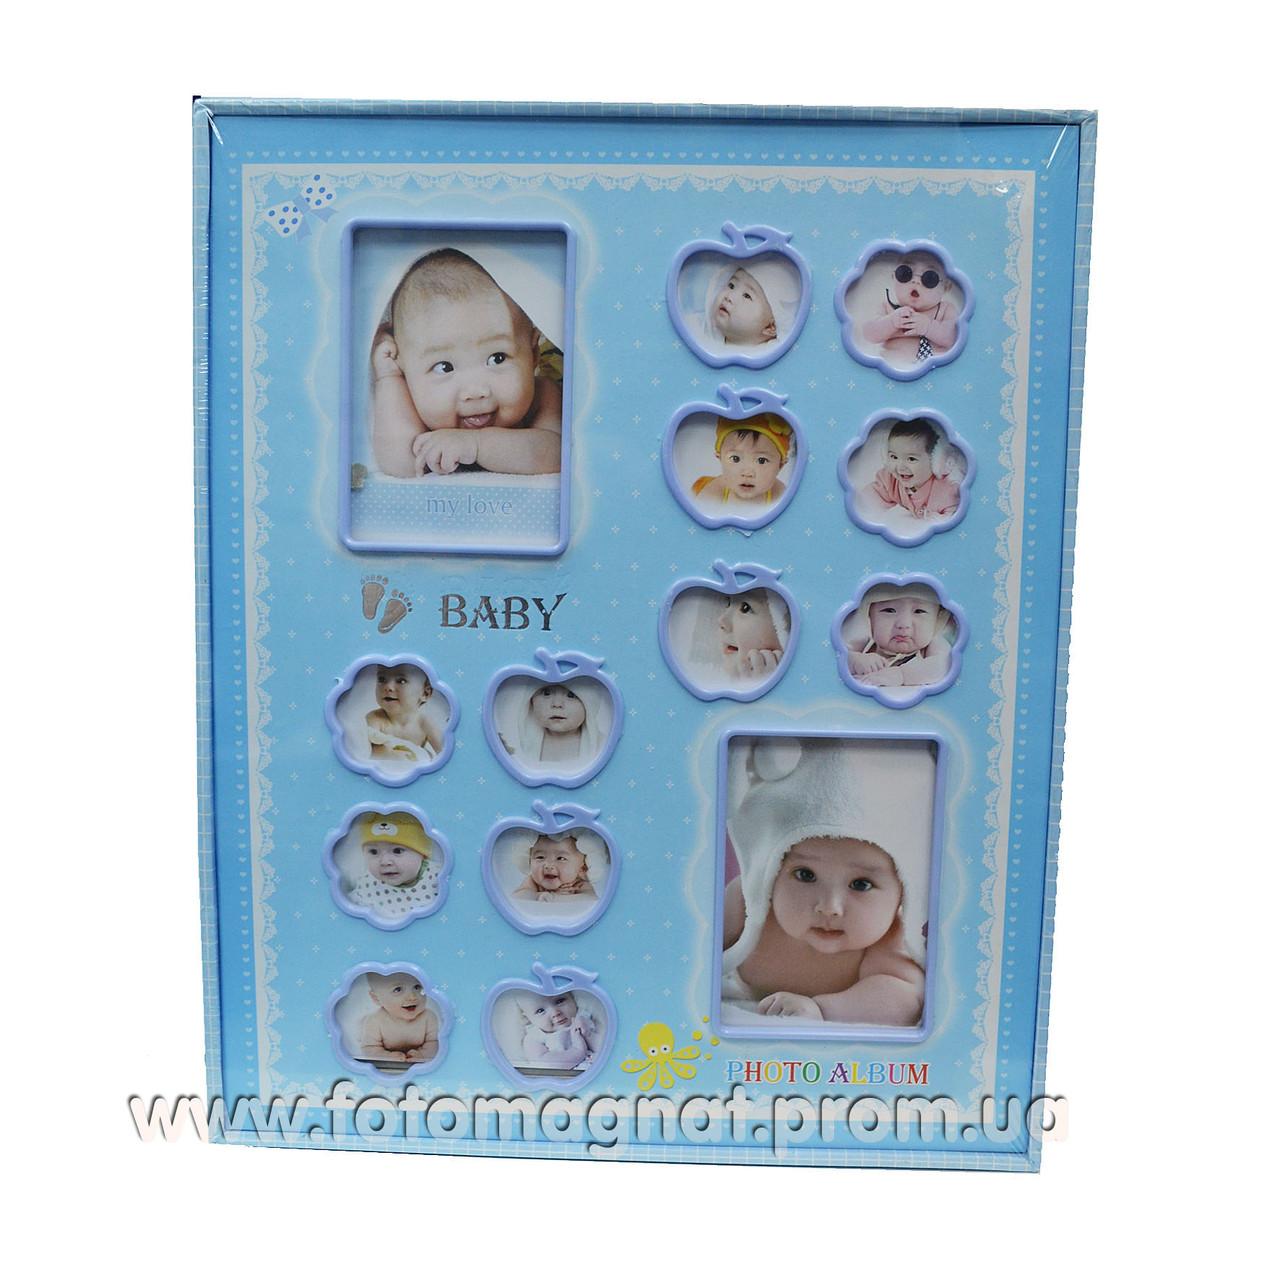 Фотоальбом Для детей (детский альбом) 240/10х15см.Анкета на русском языке 4 стр.